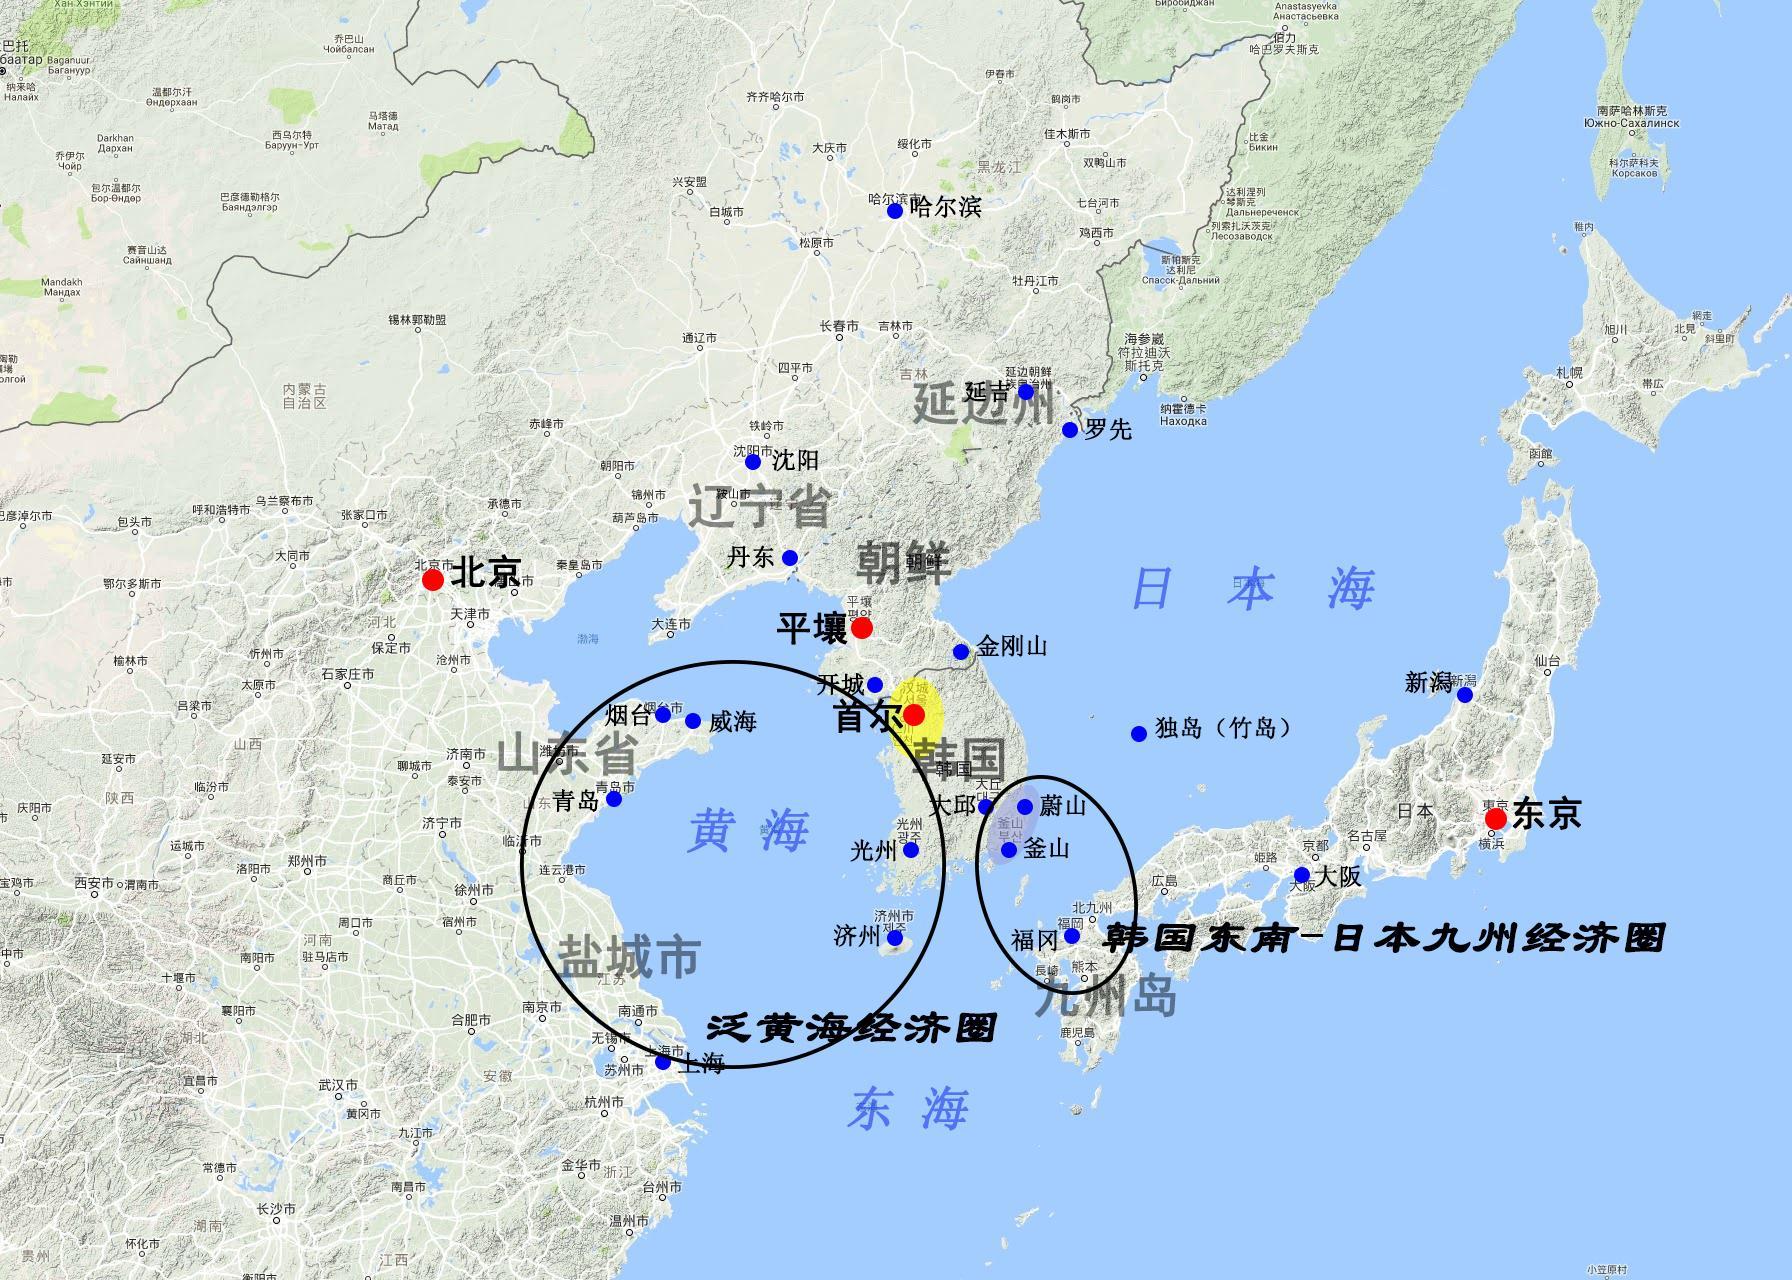 中国与日本经济关系_【地图看世界】韩国:顽强游走于大国之间的国家 - 知乎